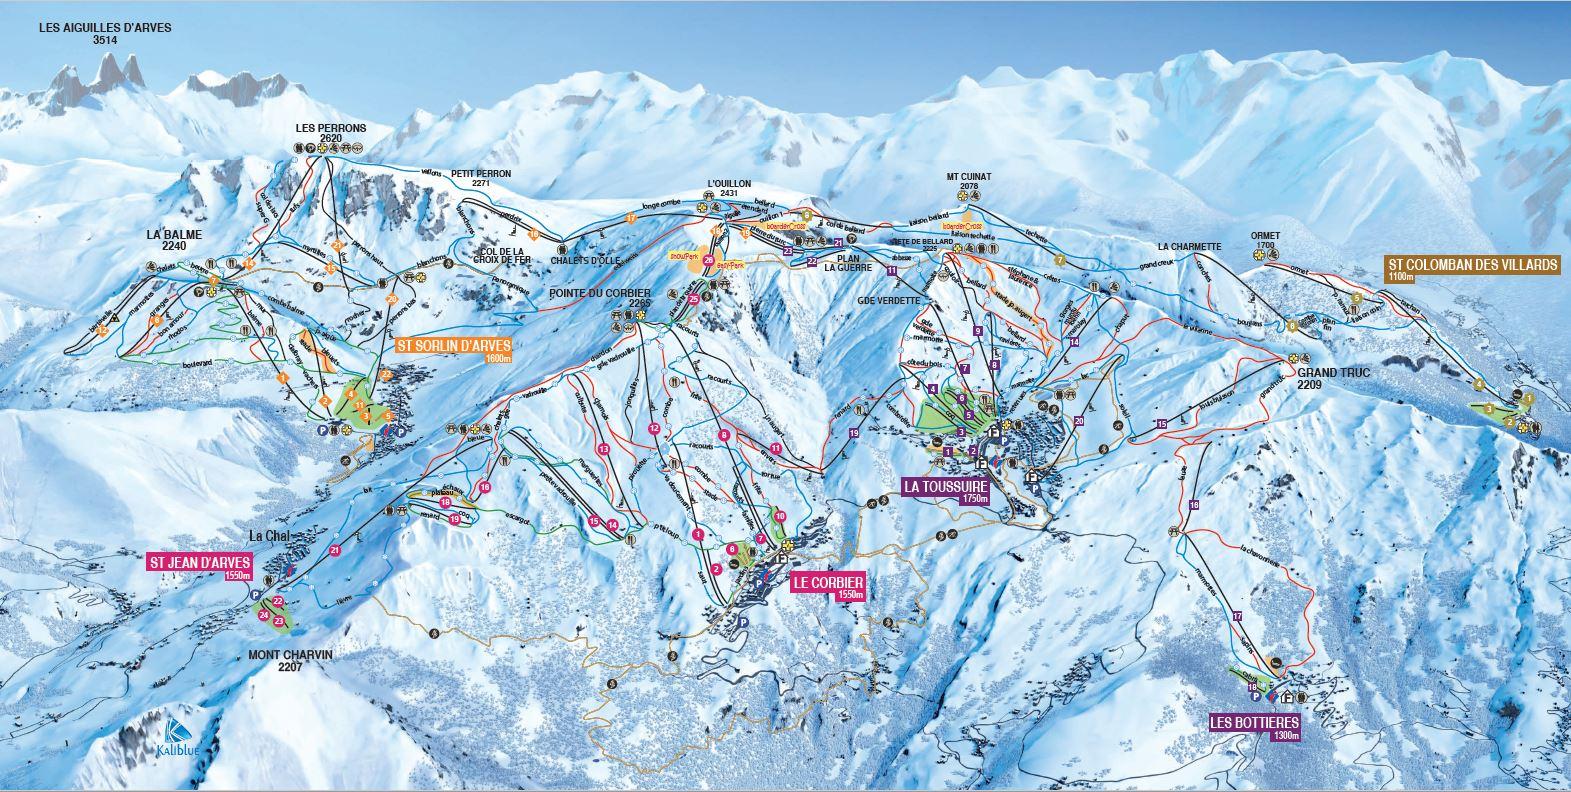 Le Corbier (Les Sybelles) Piste / Trail Map